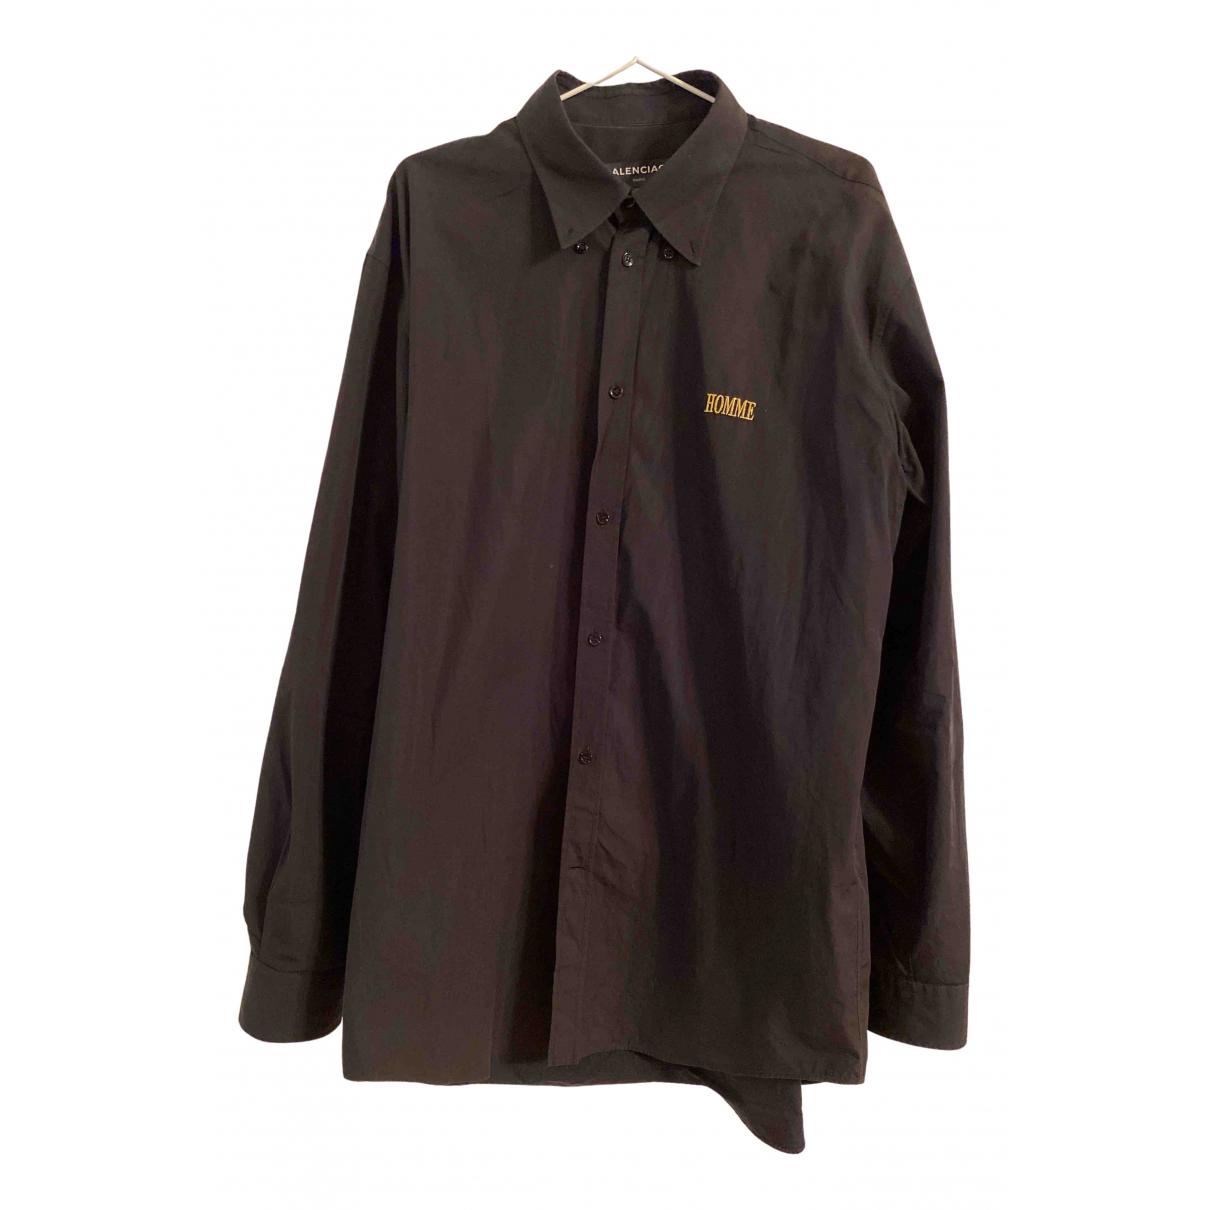 Balenciaga N Black Cotton Shirts for Men 41 EU (tour de cou / collar)